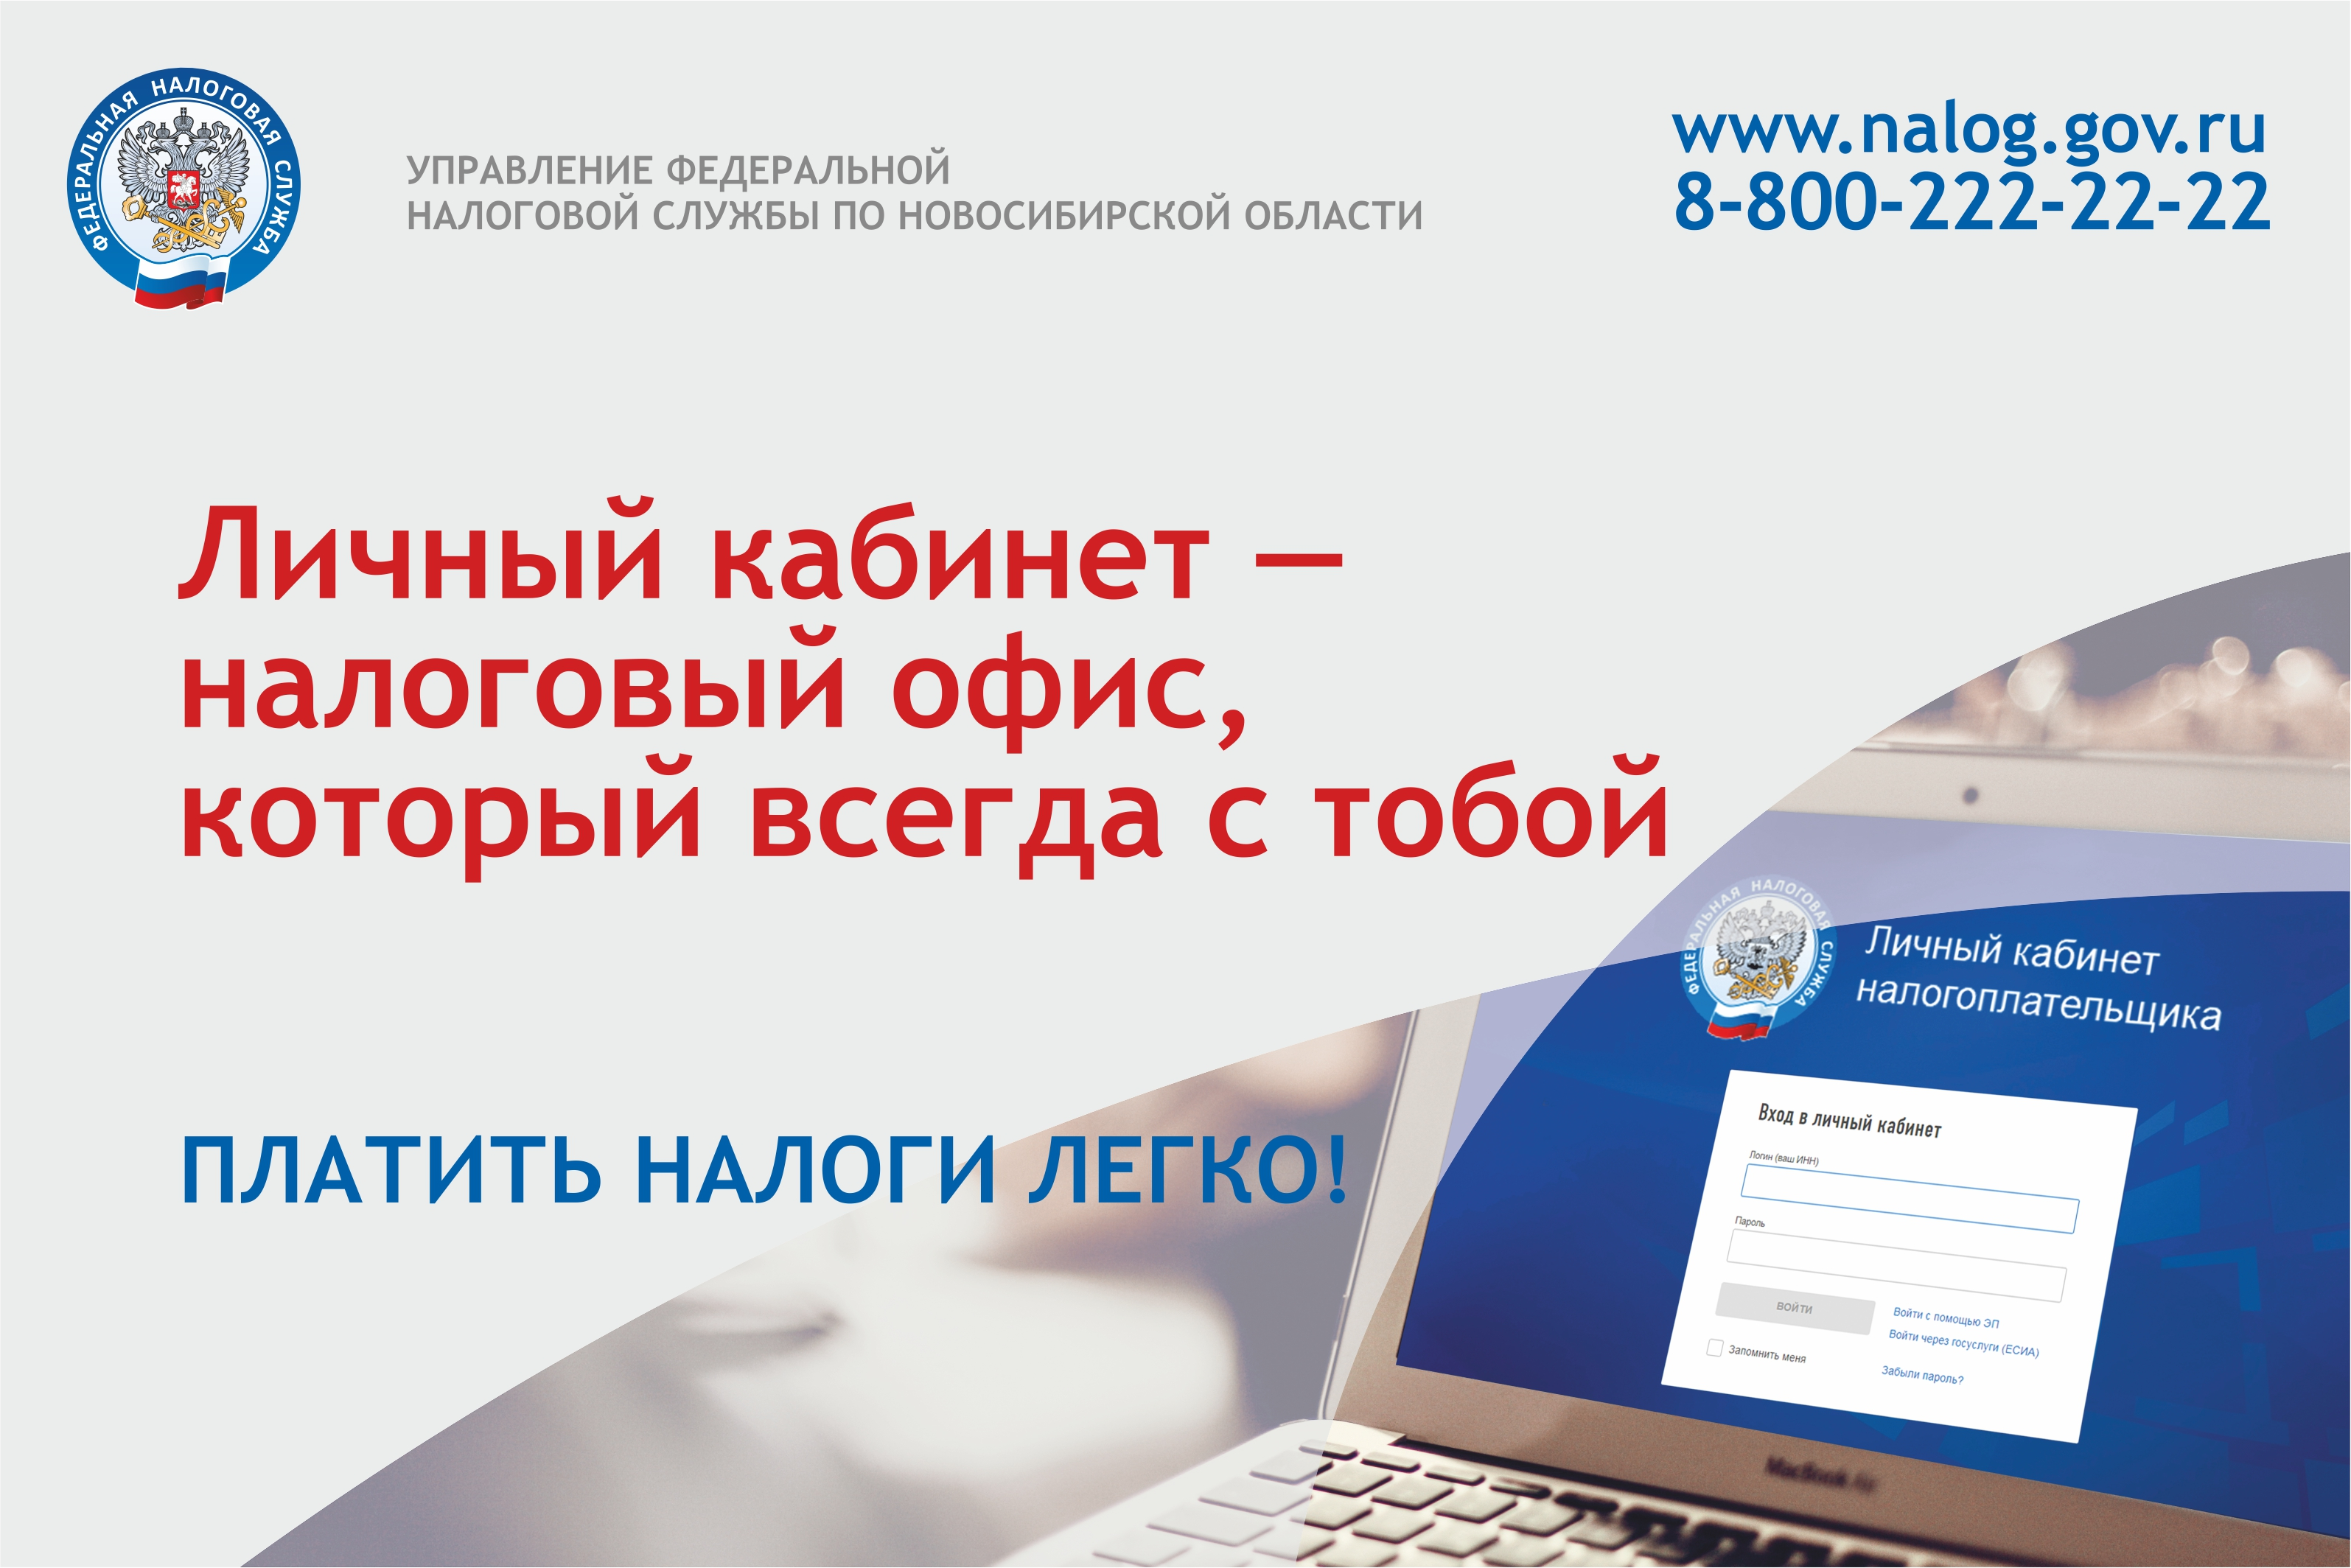 4_lichnyj_kabinet_gorizontalnyj_maket.jpg